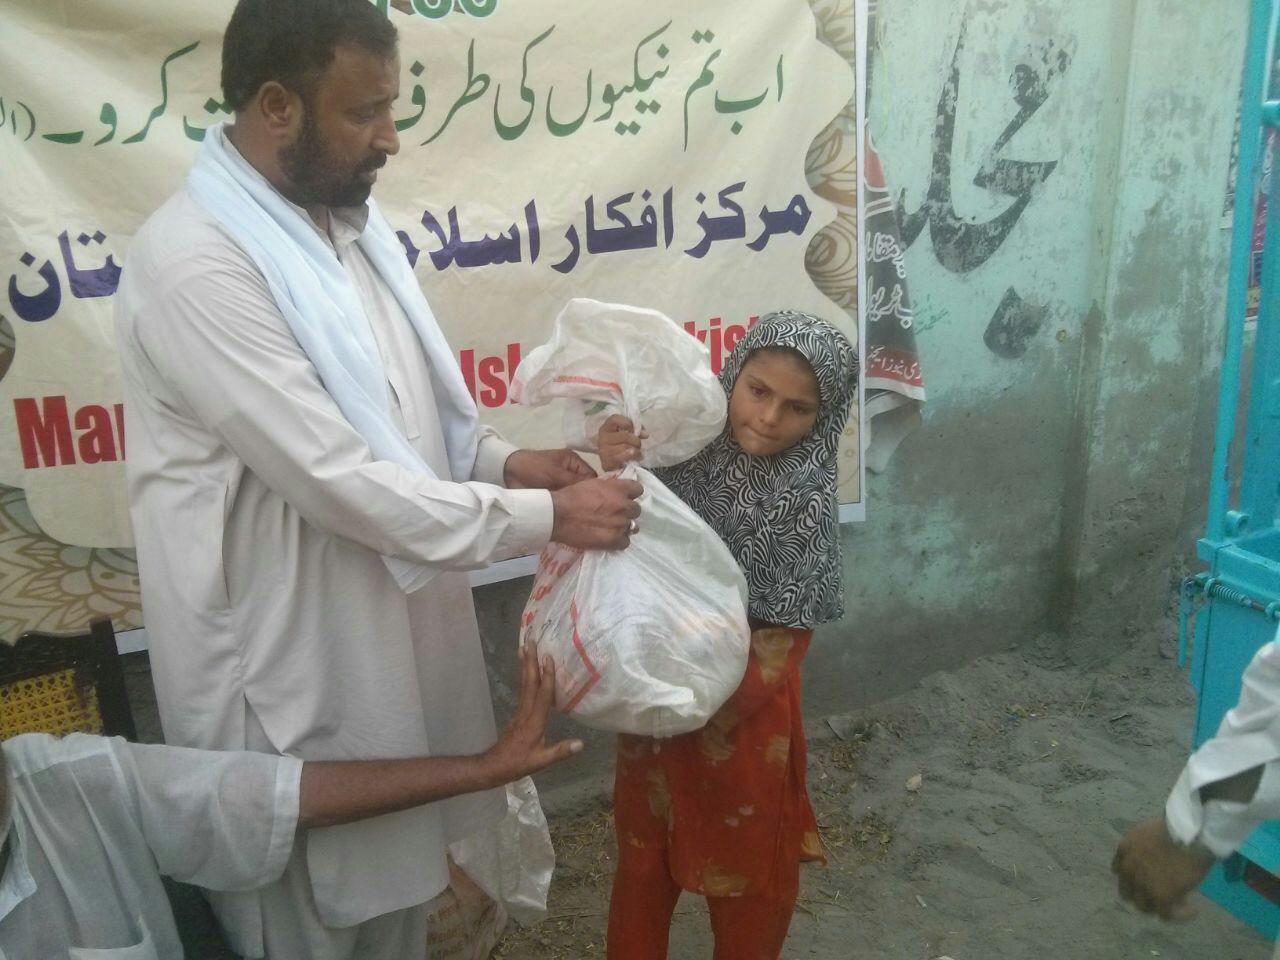 لیہ اور ڈیرہ اسماعیل خان میں راشن کی تقسیم